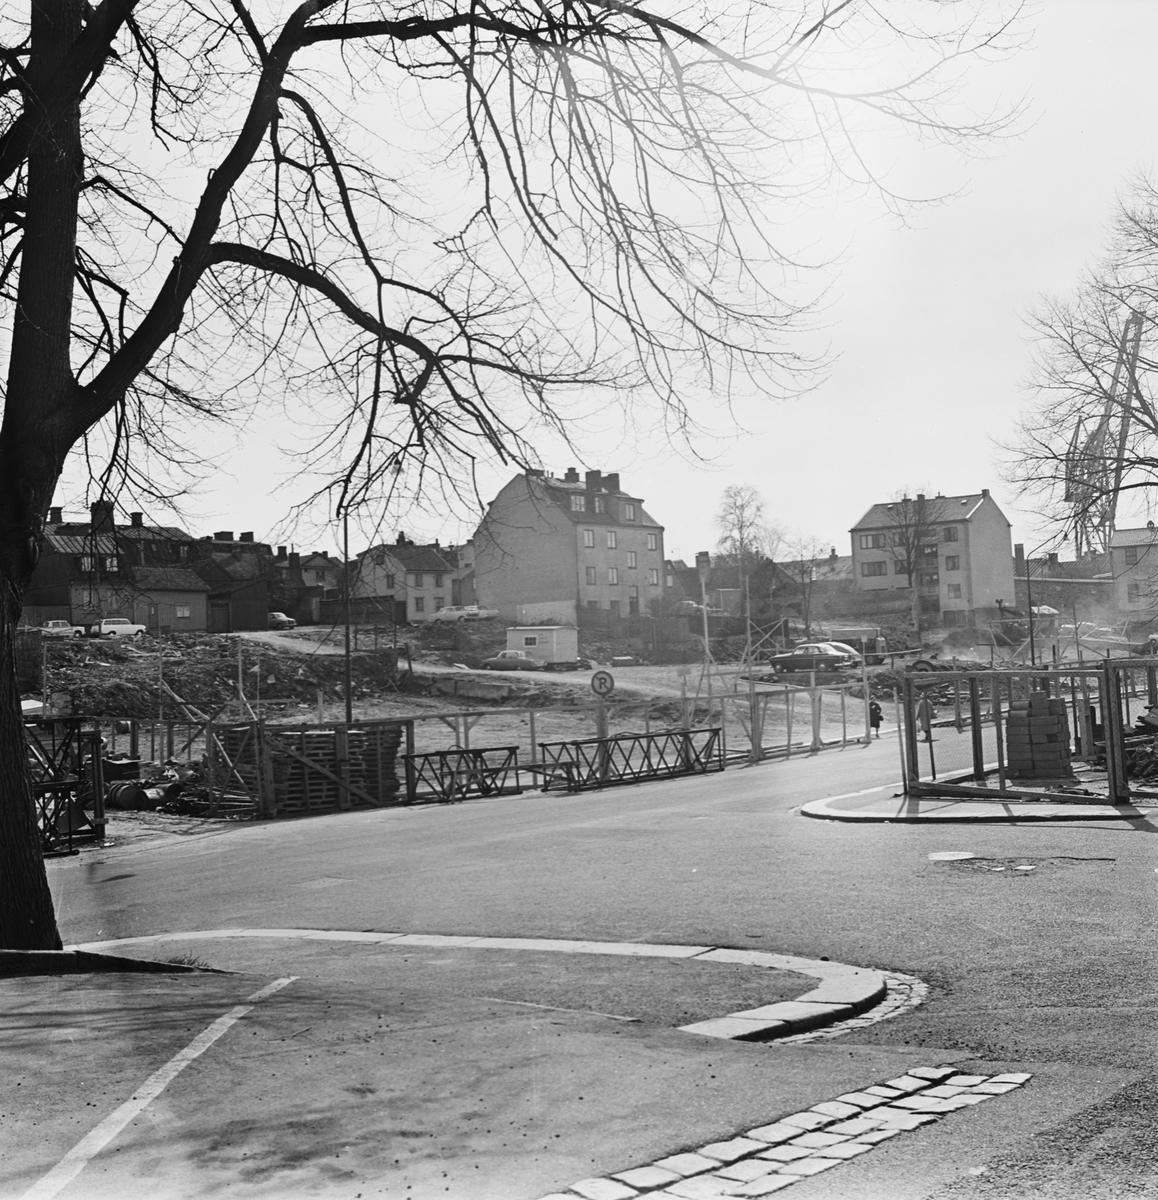 Övrigt: Foto datum: 29/4 1965 Byggnader och kranar Kvarteret pollux